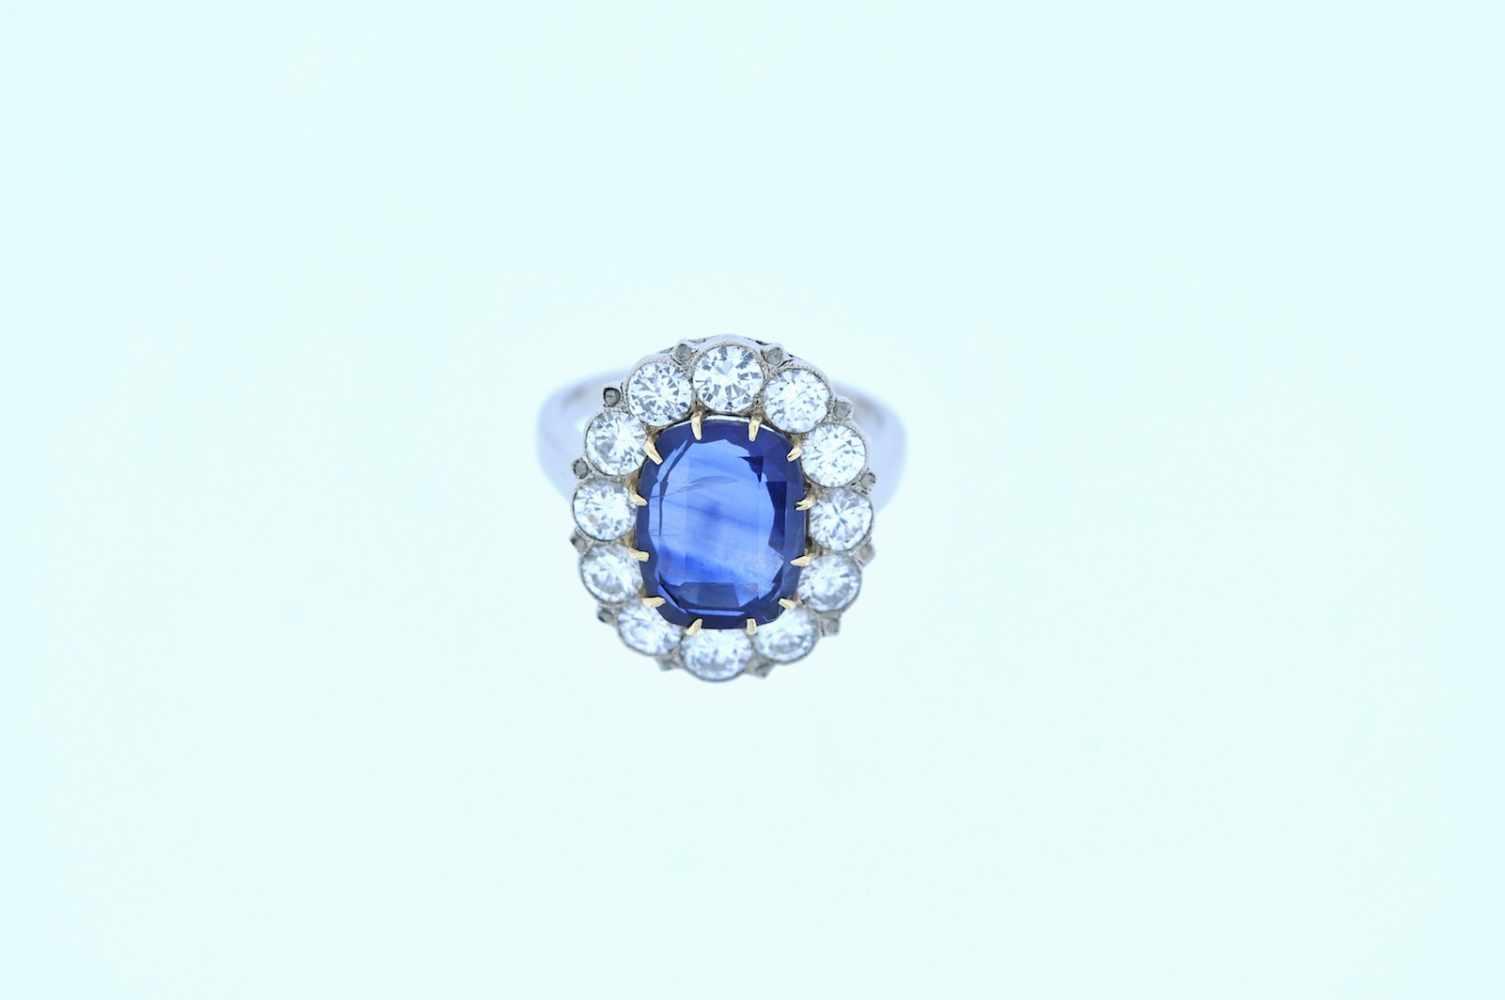 Ring Weißgoldener Ring mit Brillanten, zus. ca. 2 ct und einem Saphir, ca. 4,5 ct, Ringweite 54, 5,8 - Bild 3 aus 3